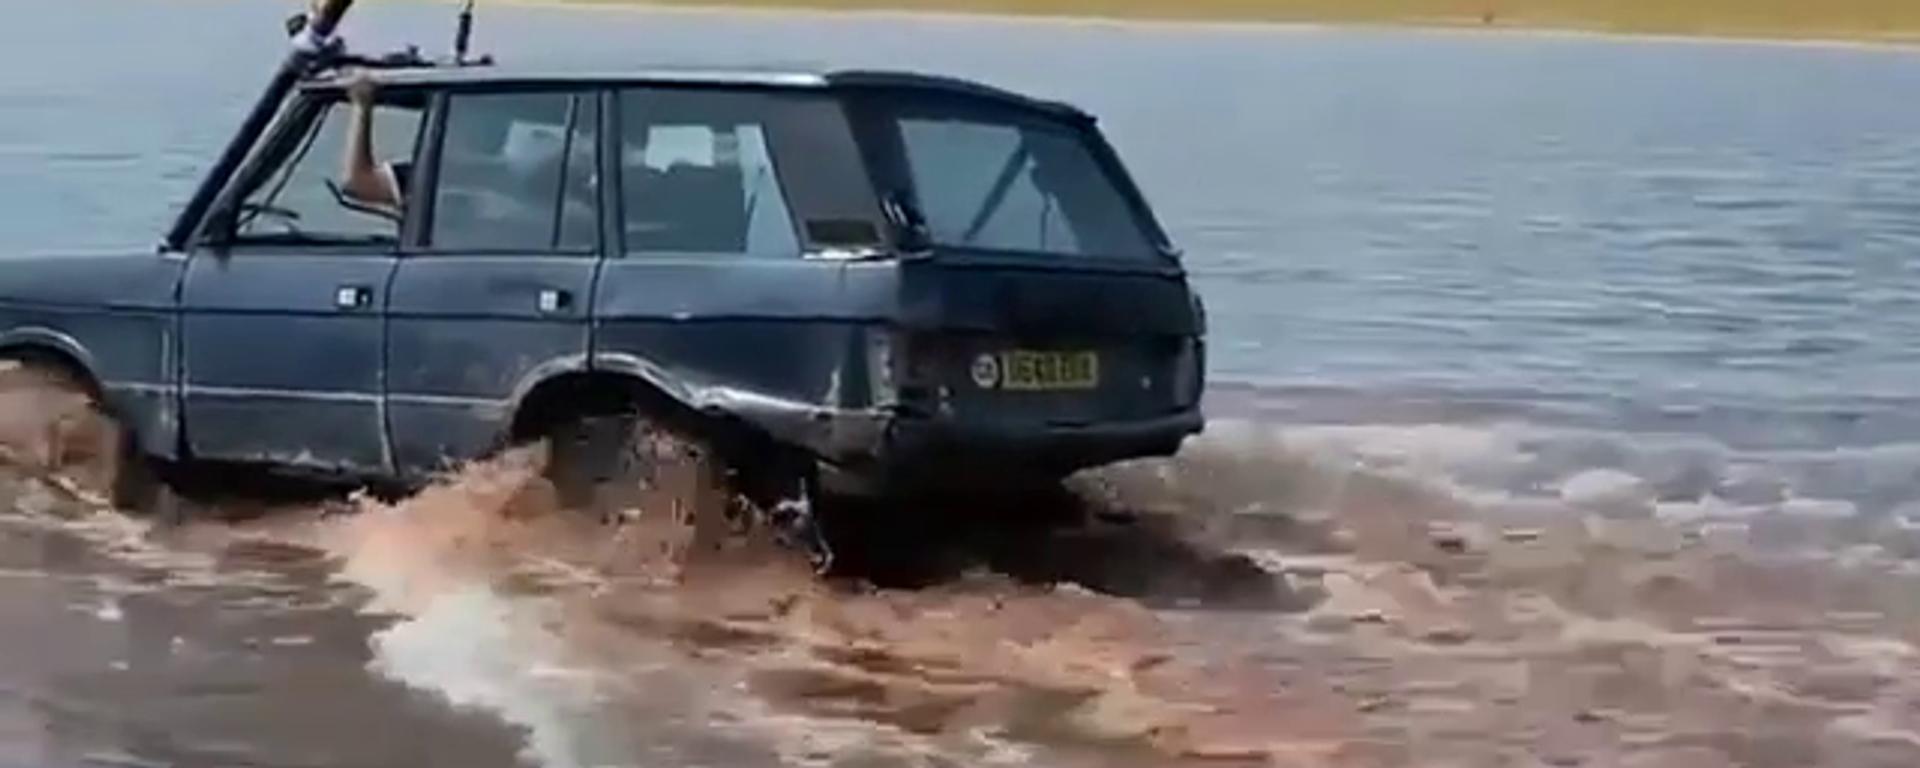 Video: un antiguo Range Rover se sumerge por completo para cruzar un río por debajo del agua - Sputnik Mundo, 1920, 02.08.2021